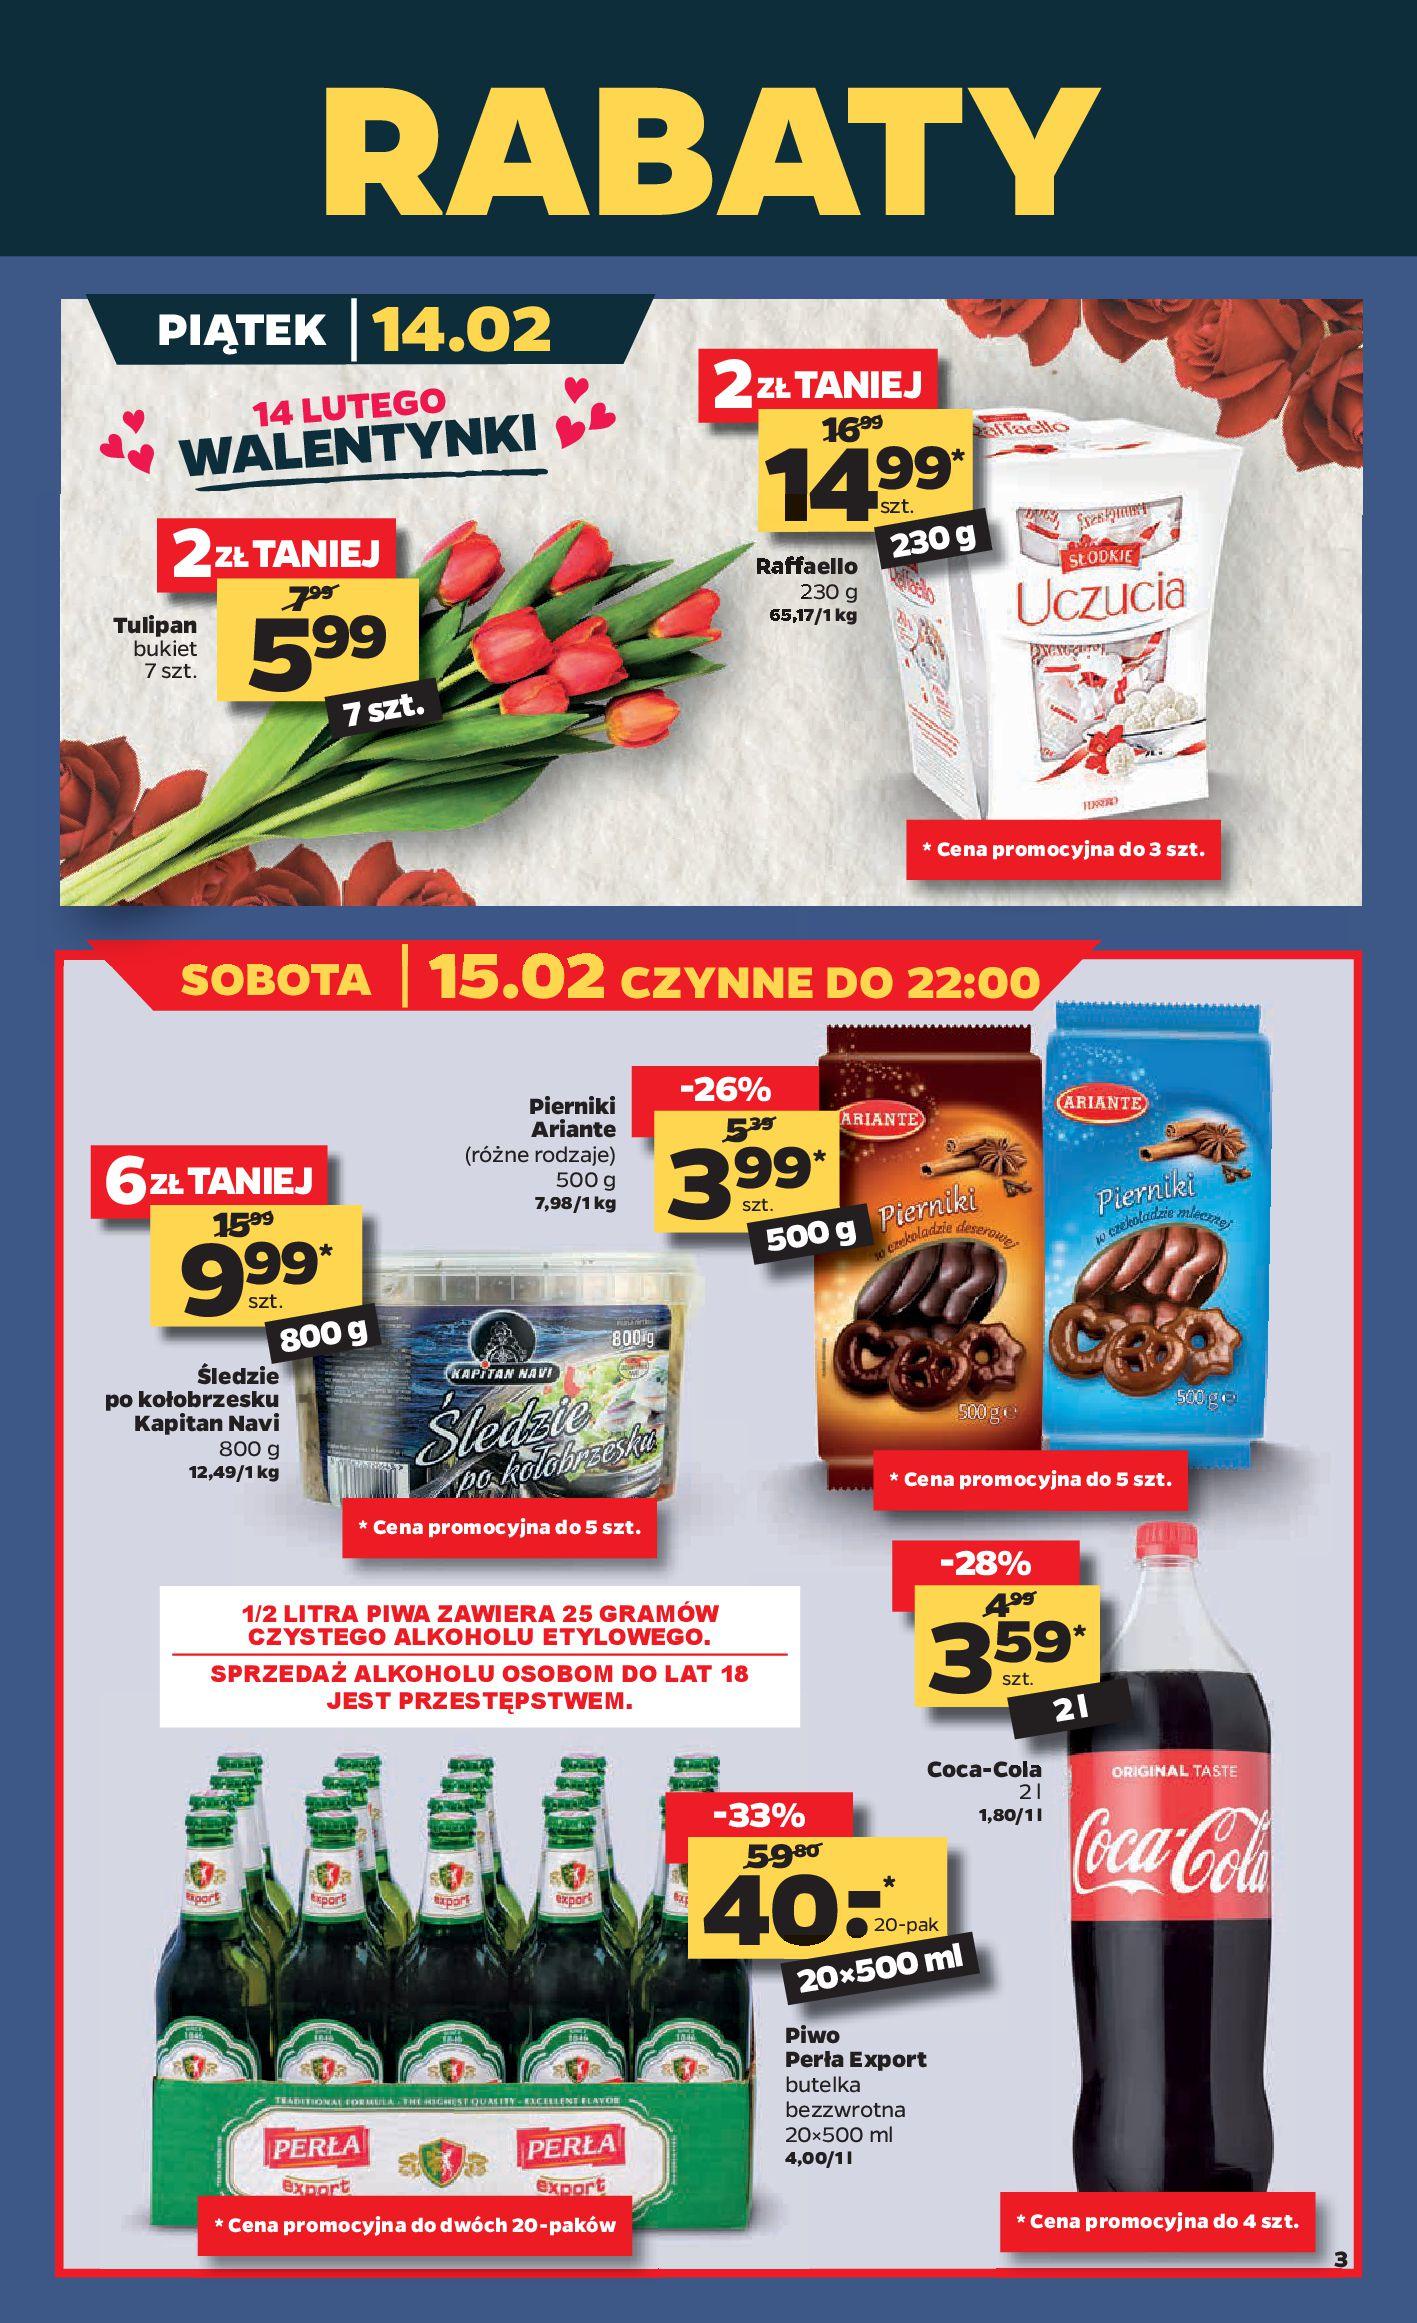 Gazetka Netto - Gazetka spożywcza-09.02.2020-15.02.2020-page-3